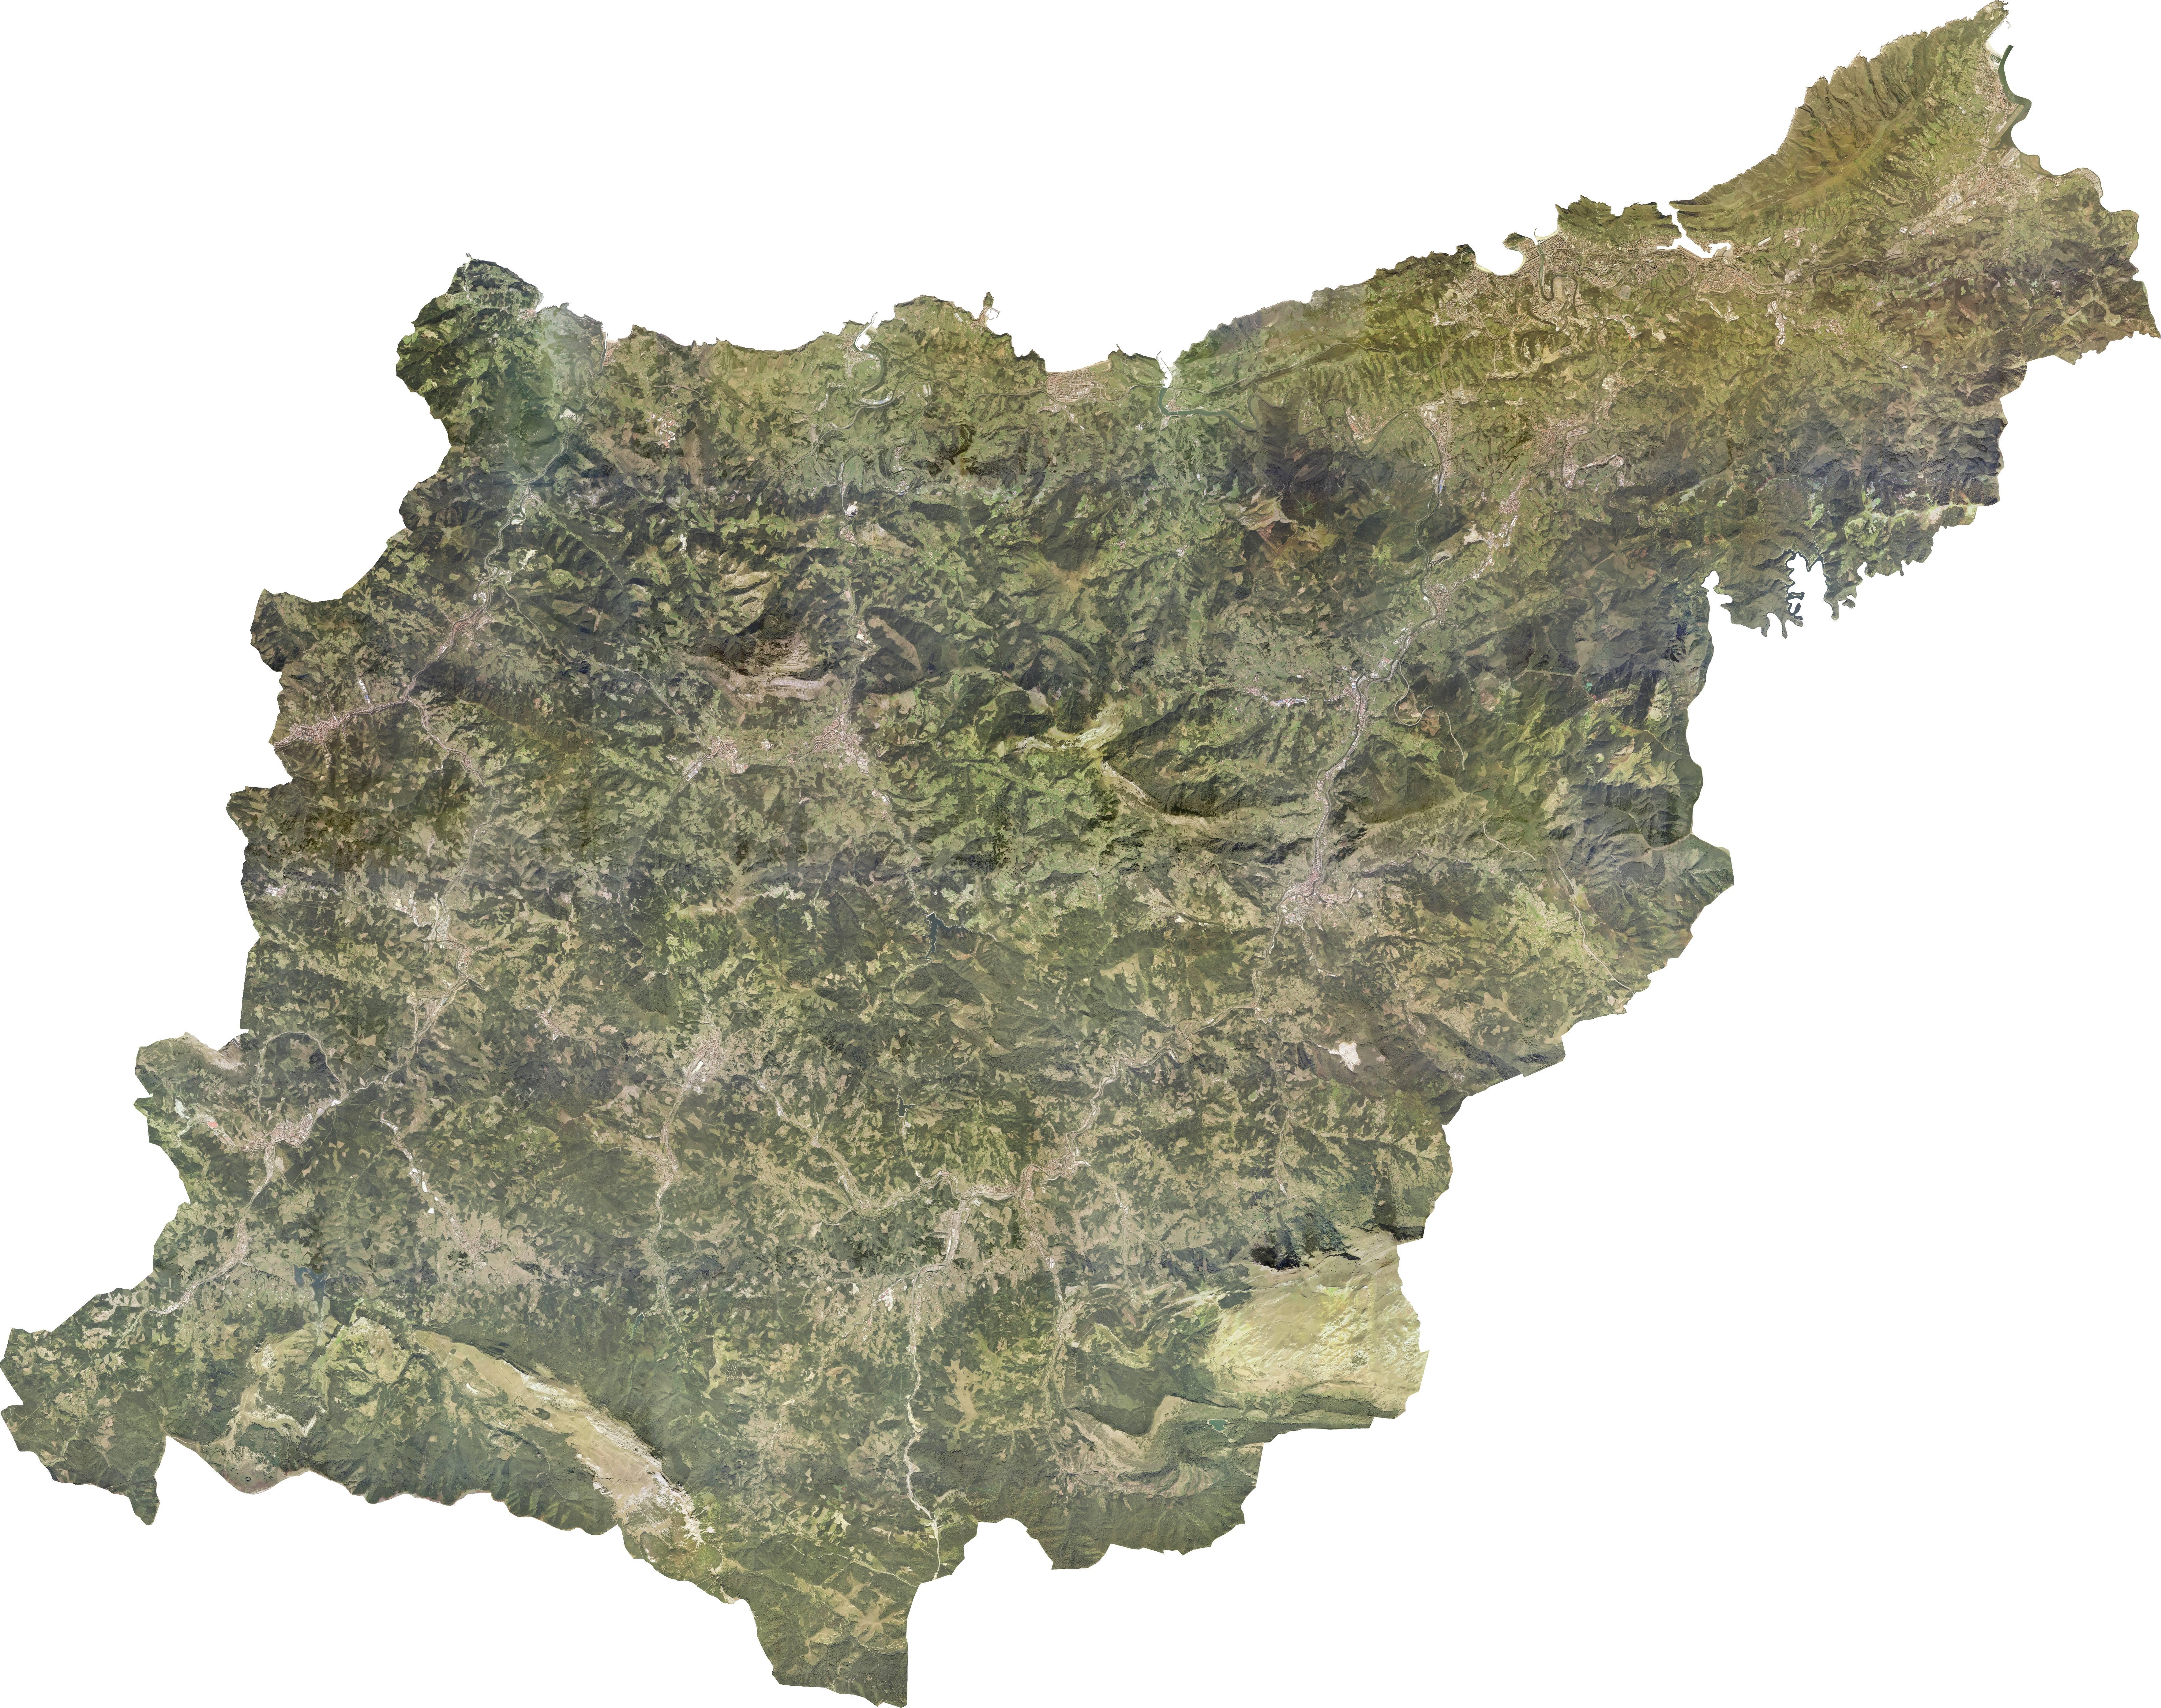 Ortofoto de Guipúzcoa 2009